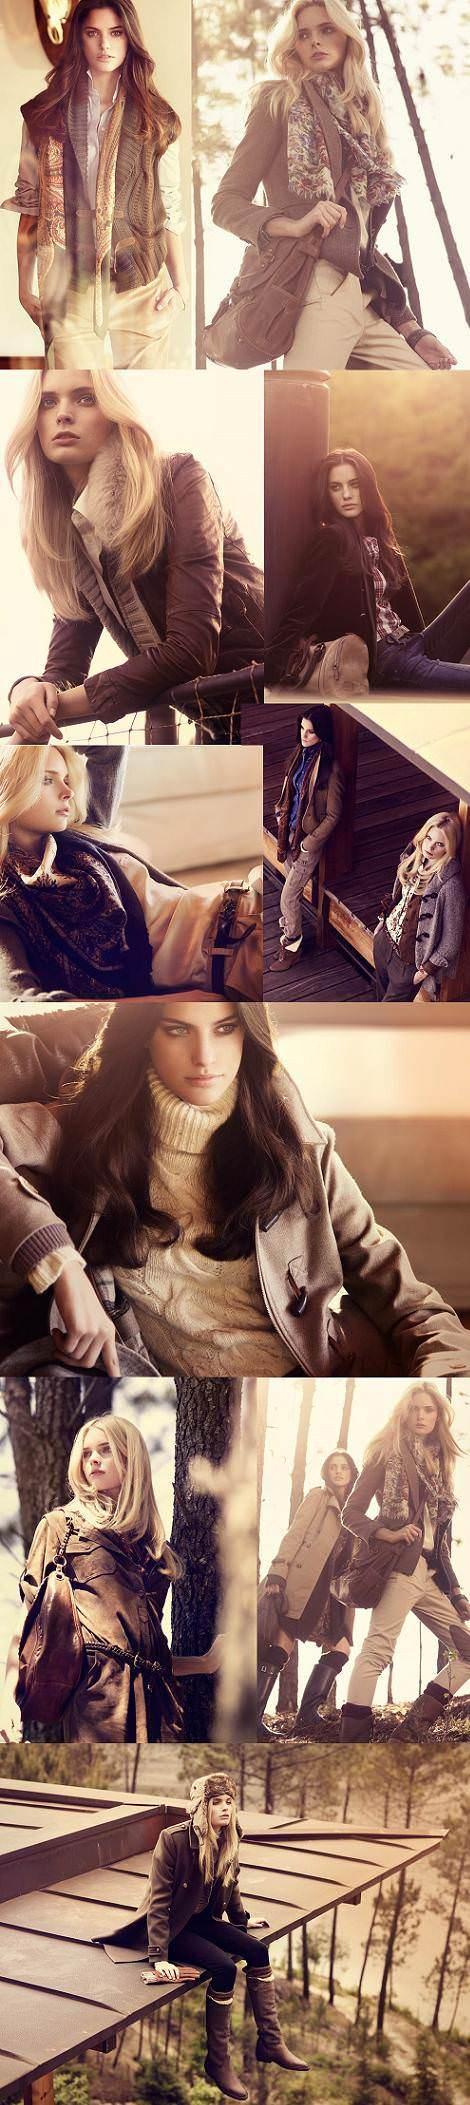 Massimo Dutti Sport, moda otoño invierno 2010 2011